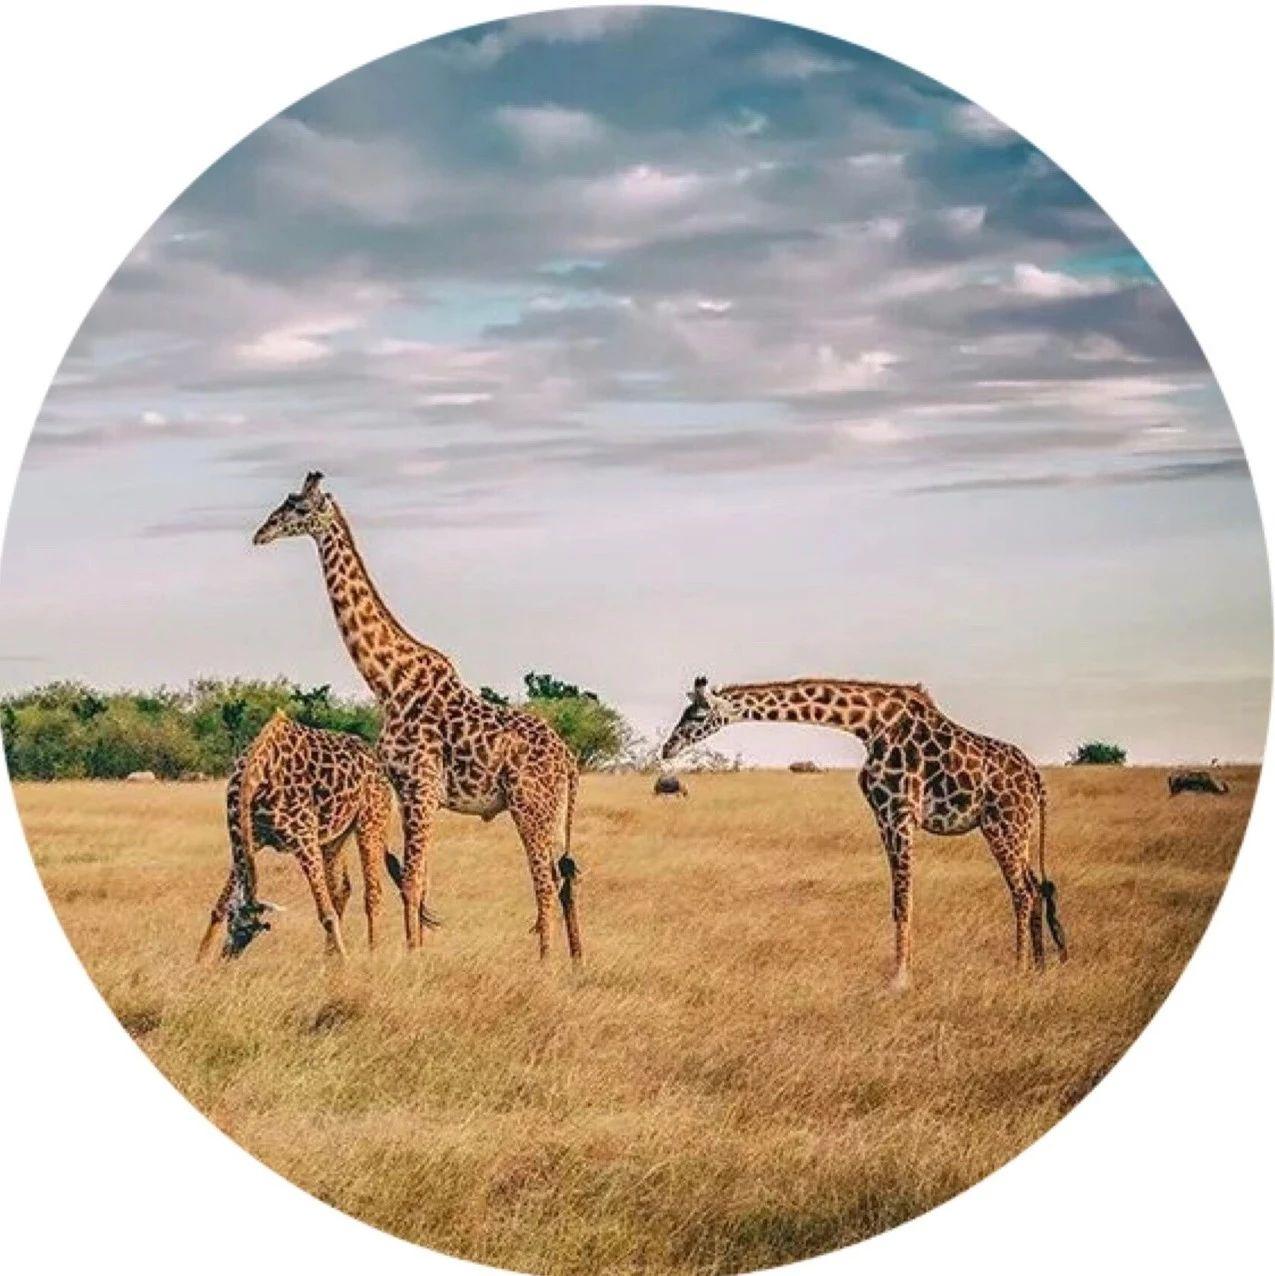 震撼人心!2019非洲动物大迁徙正在上演!一生必去一次的狂野之旅!